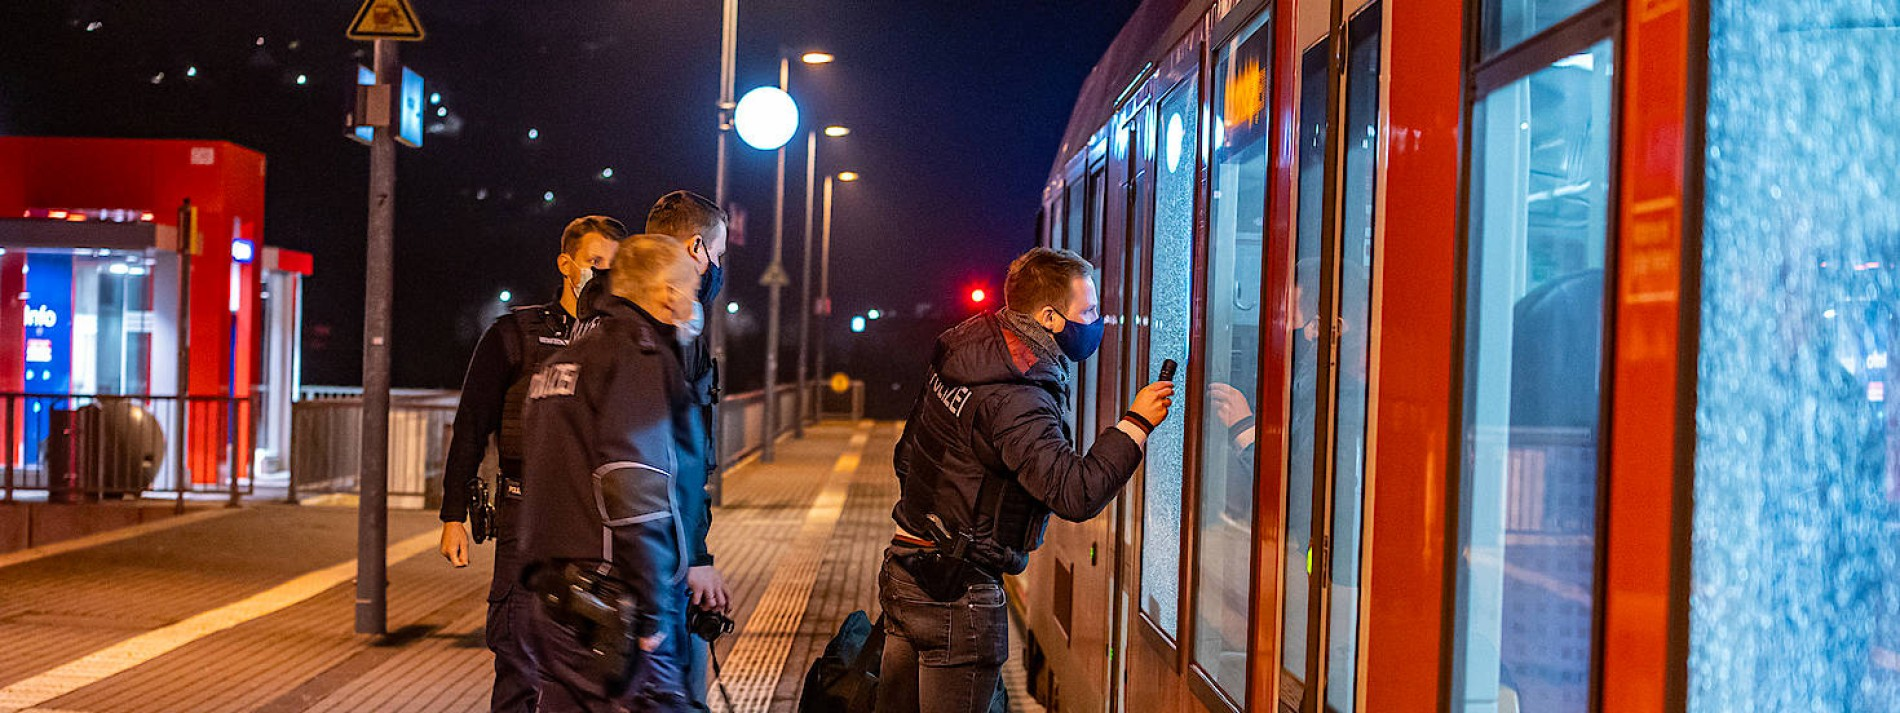 Unbekannte schießen mit Softair-Pistole auf fahrenden Zug